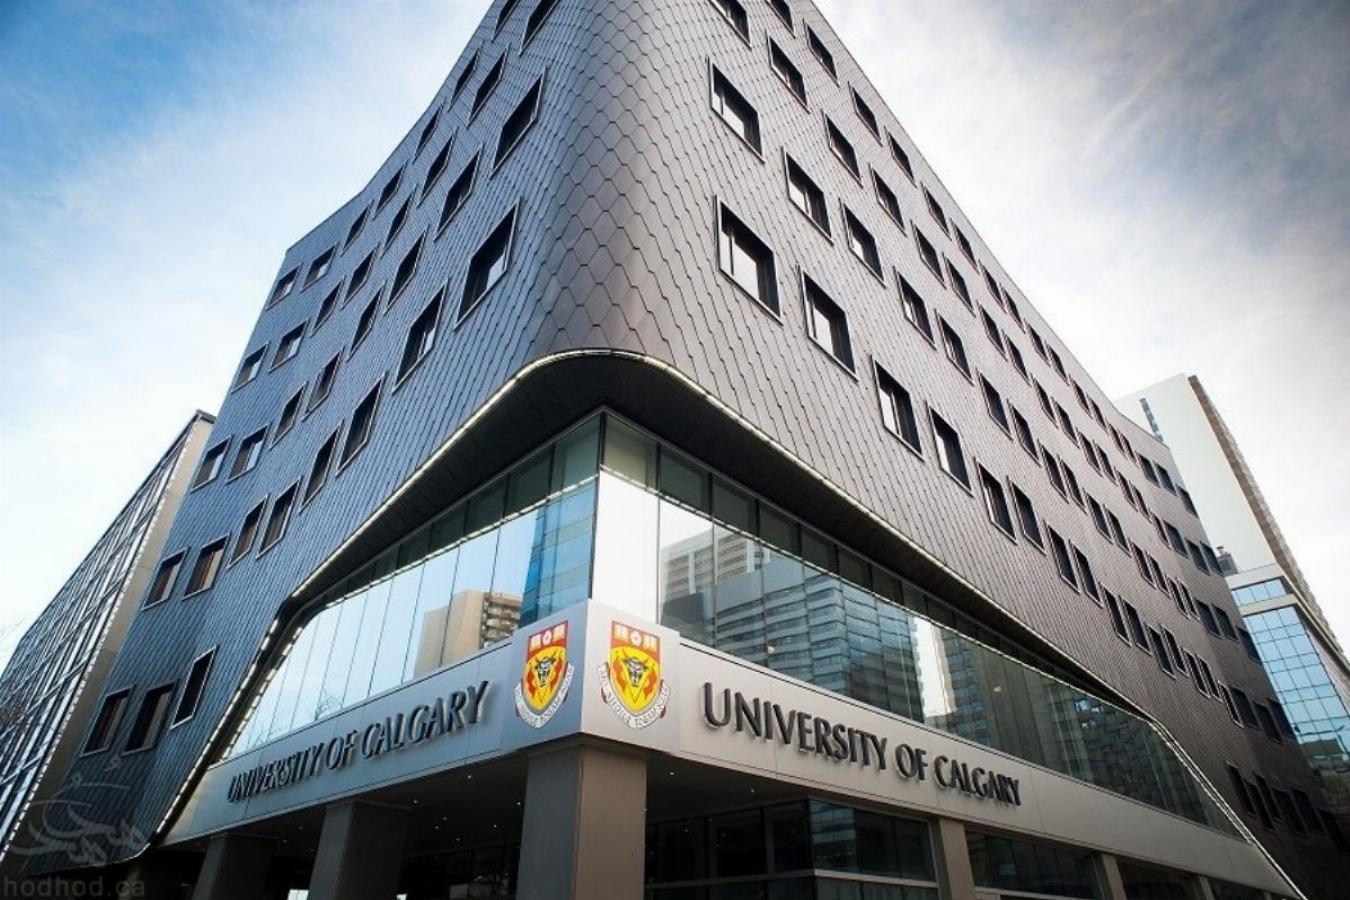 معرفی دانشگاه های کانادا : دانشگاه کلگری Calgary University